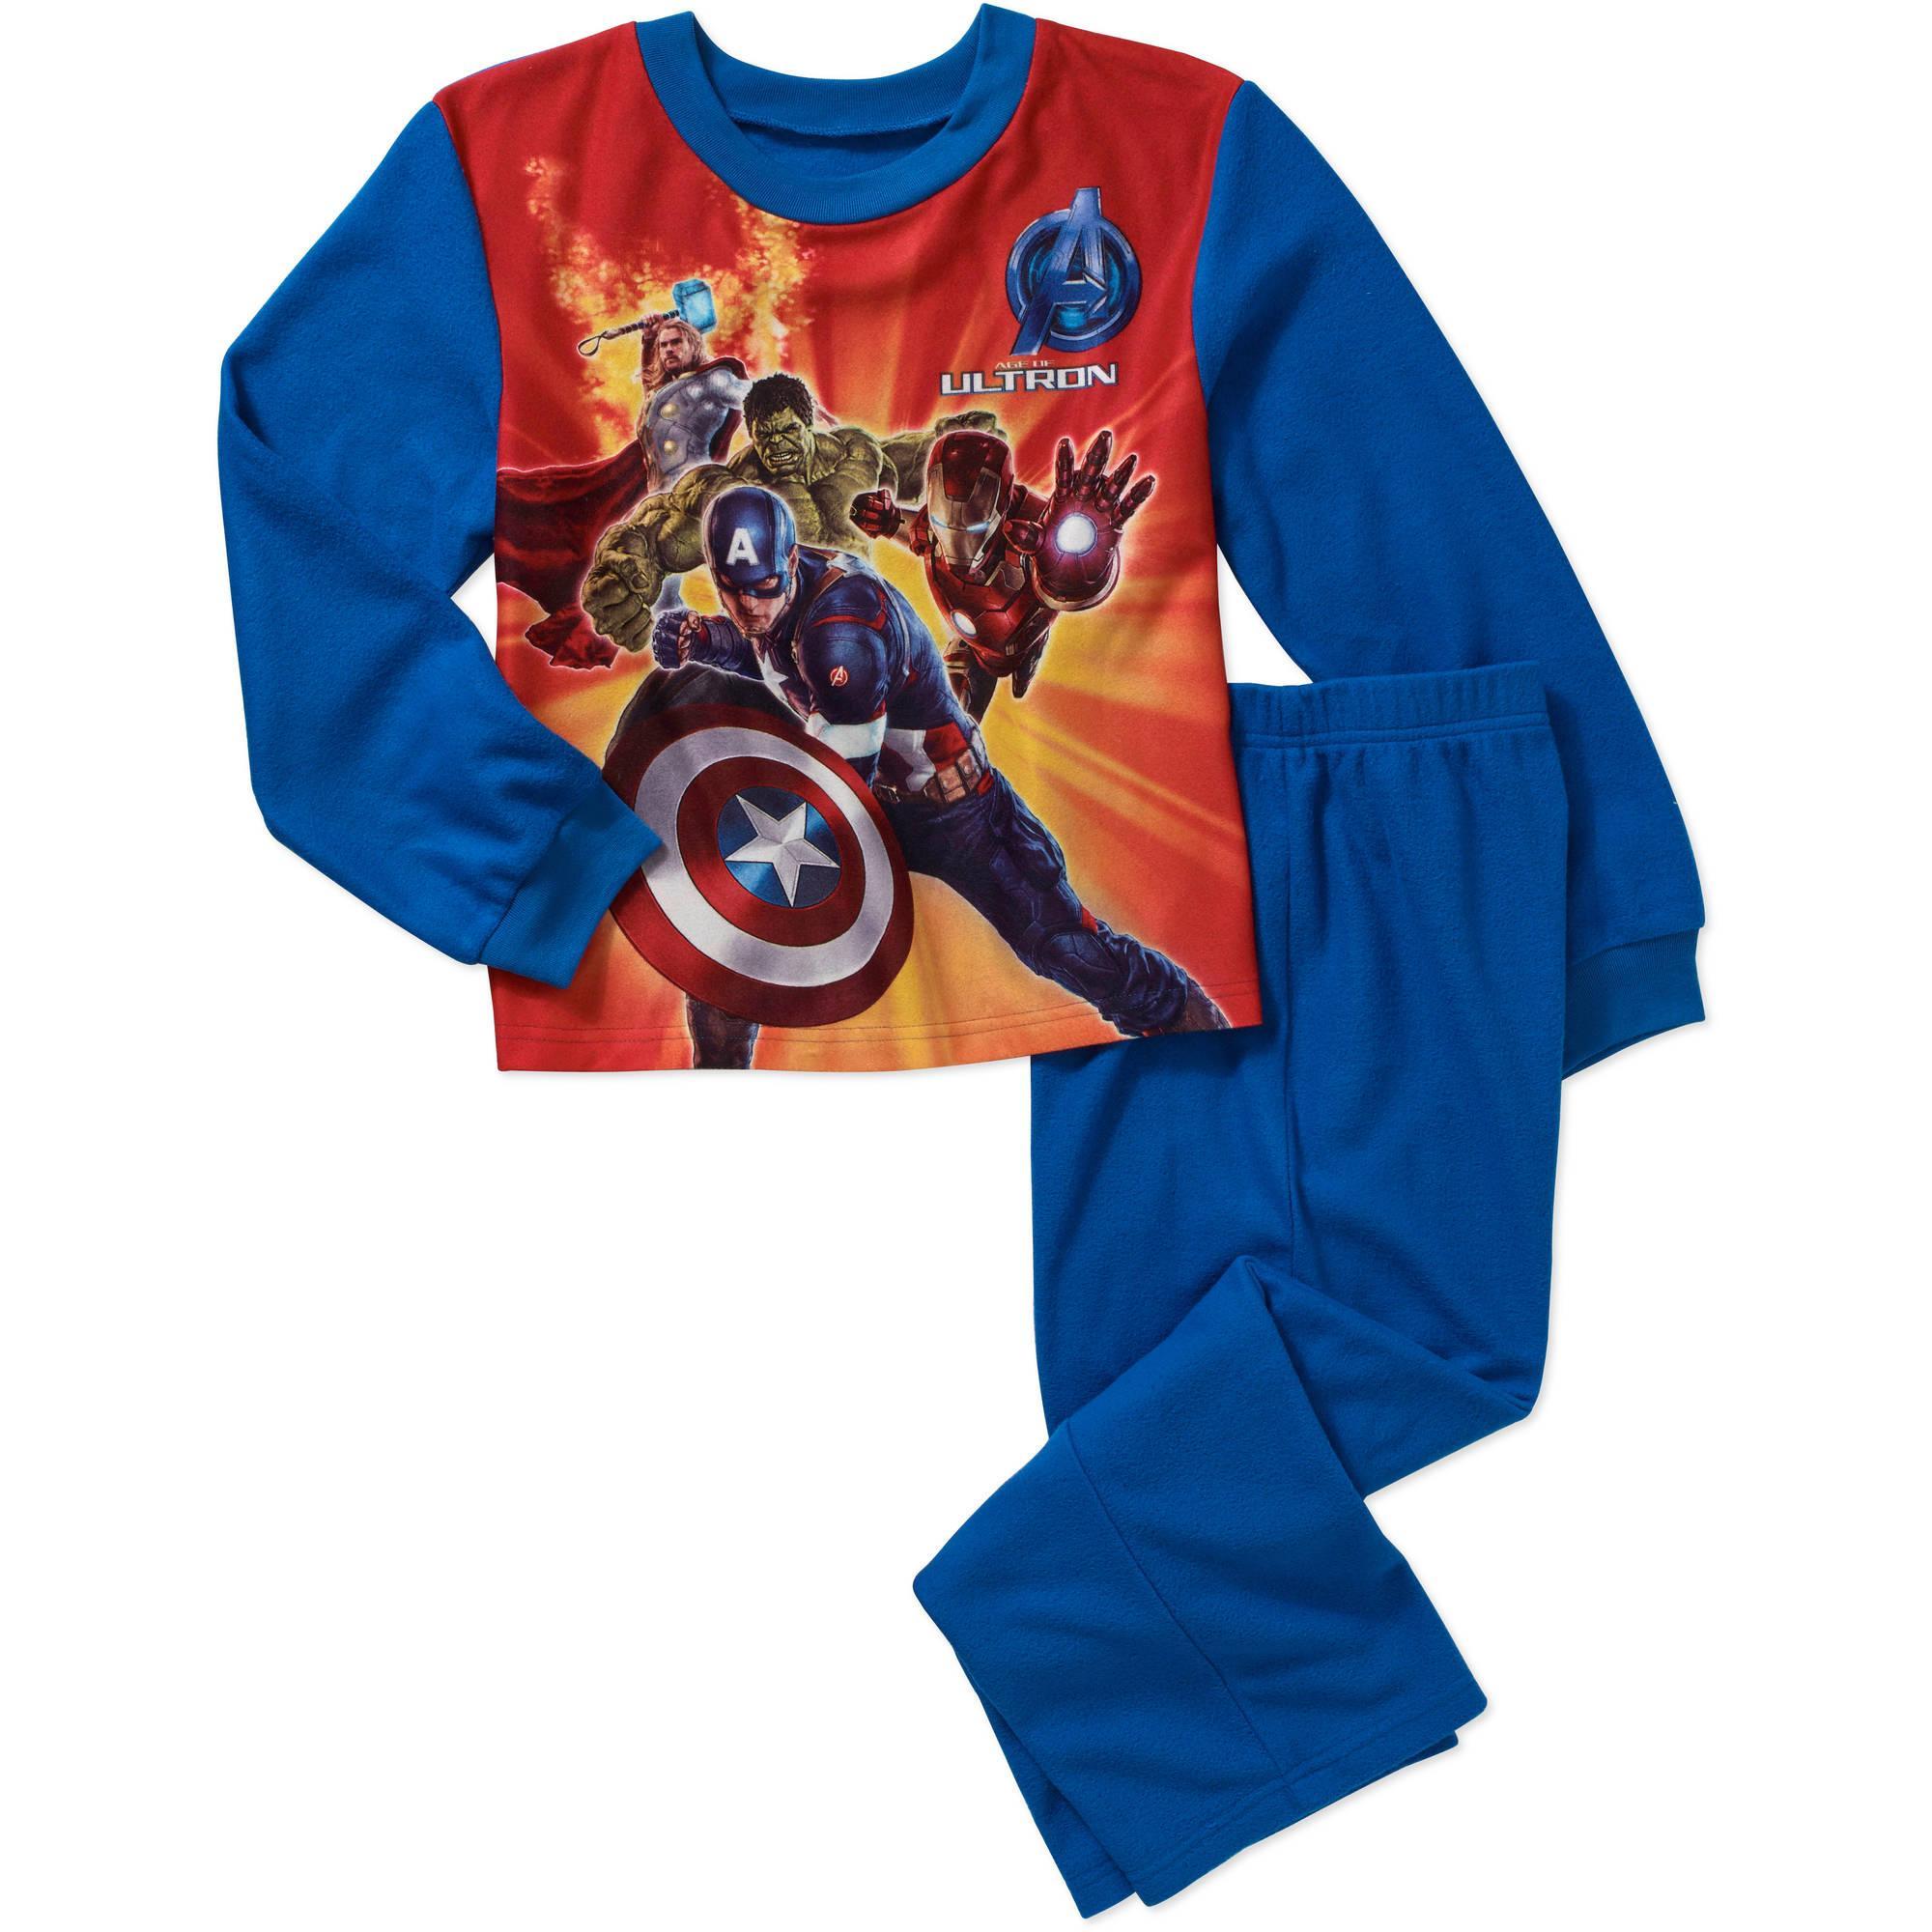 Walmart: Kids Pajamas at Black Friday Prices! $4.75 Per Set!